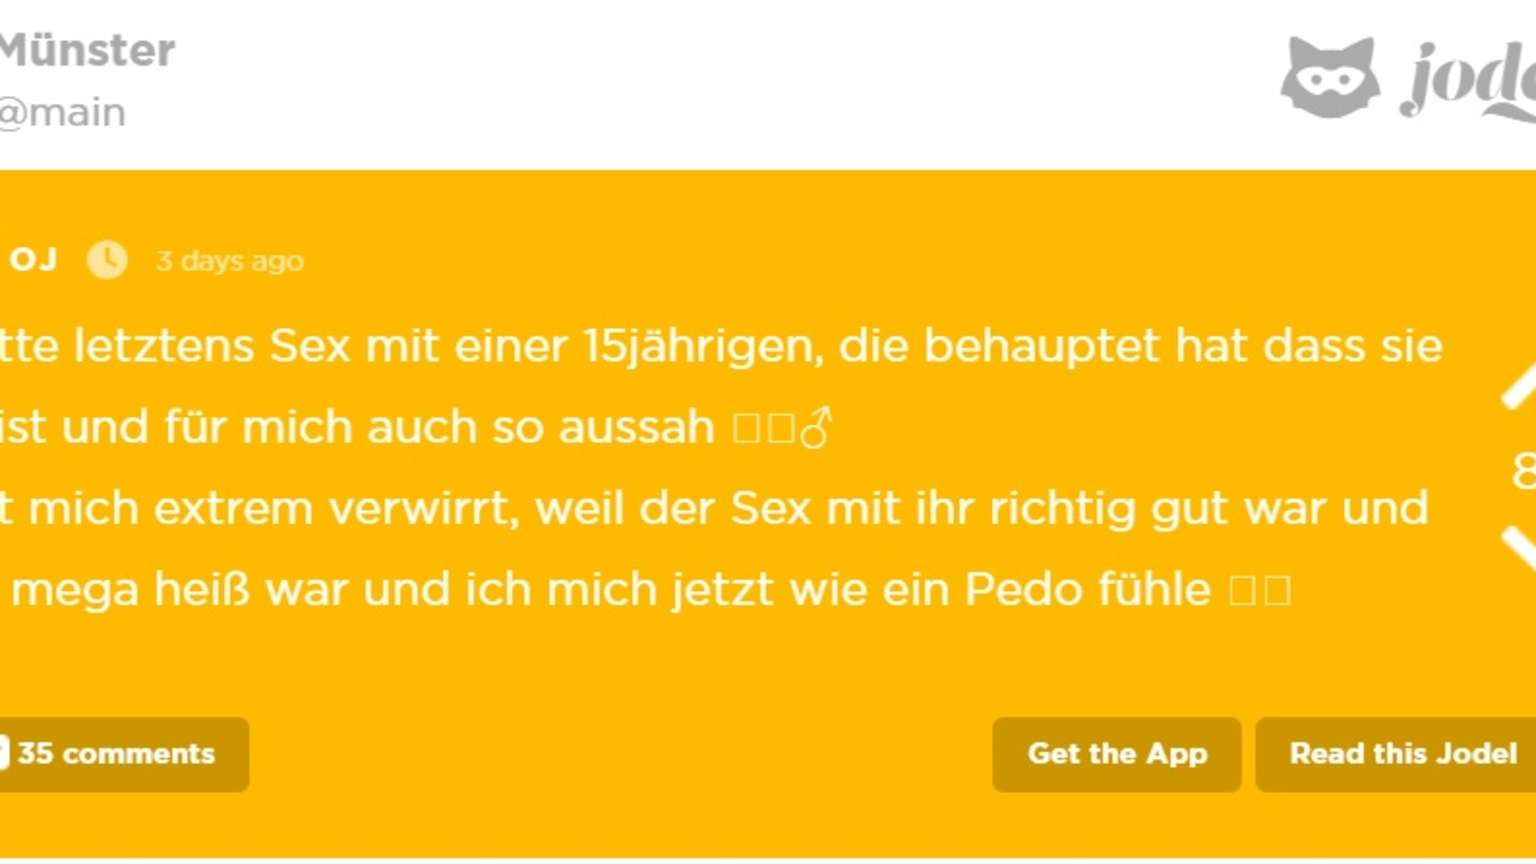 Münster: Mann bittet bei Jodel nach One-Night-Stand mit